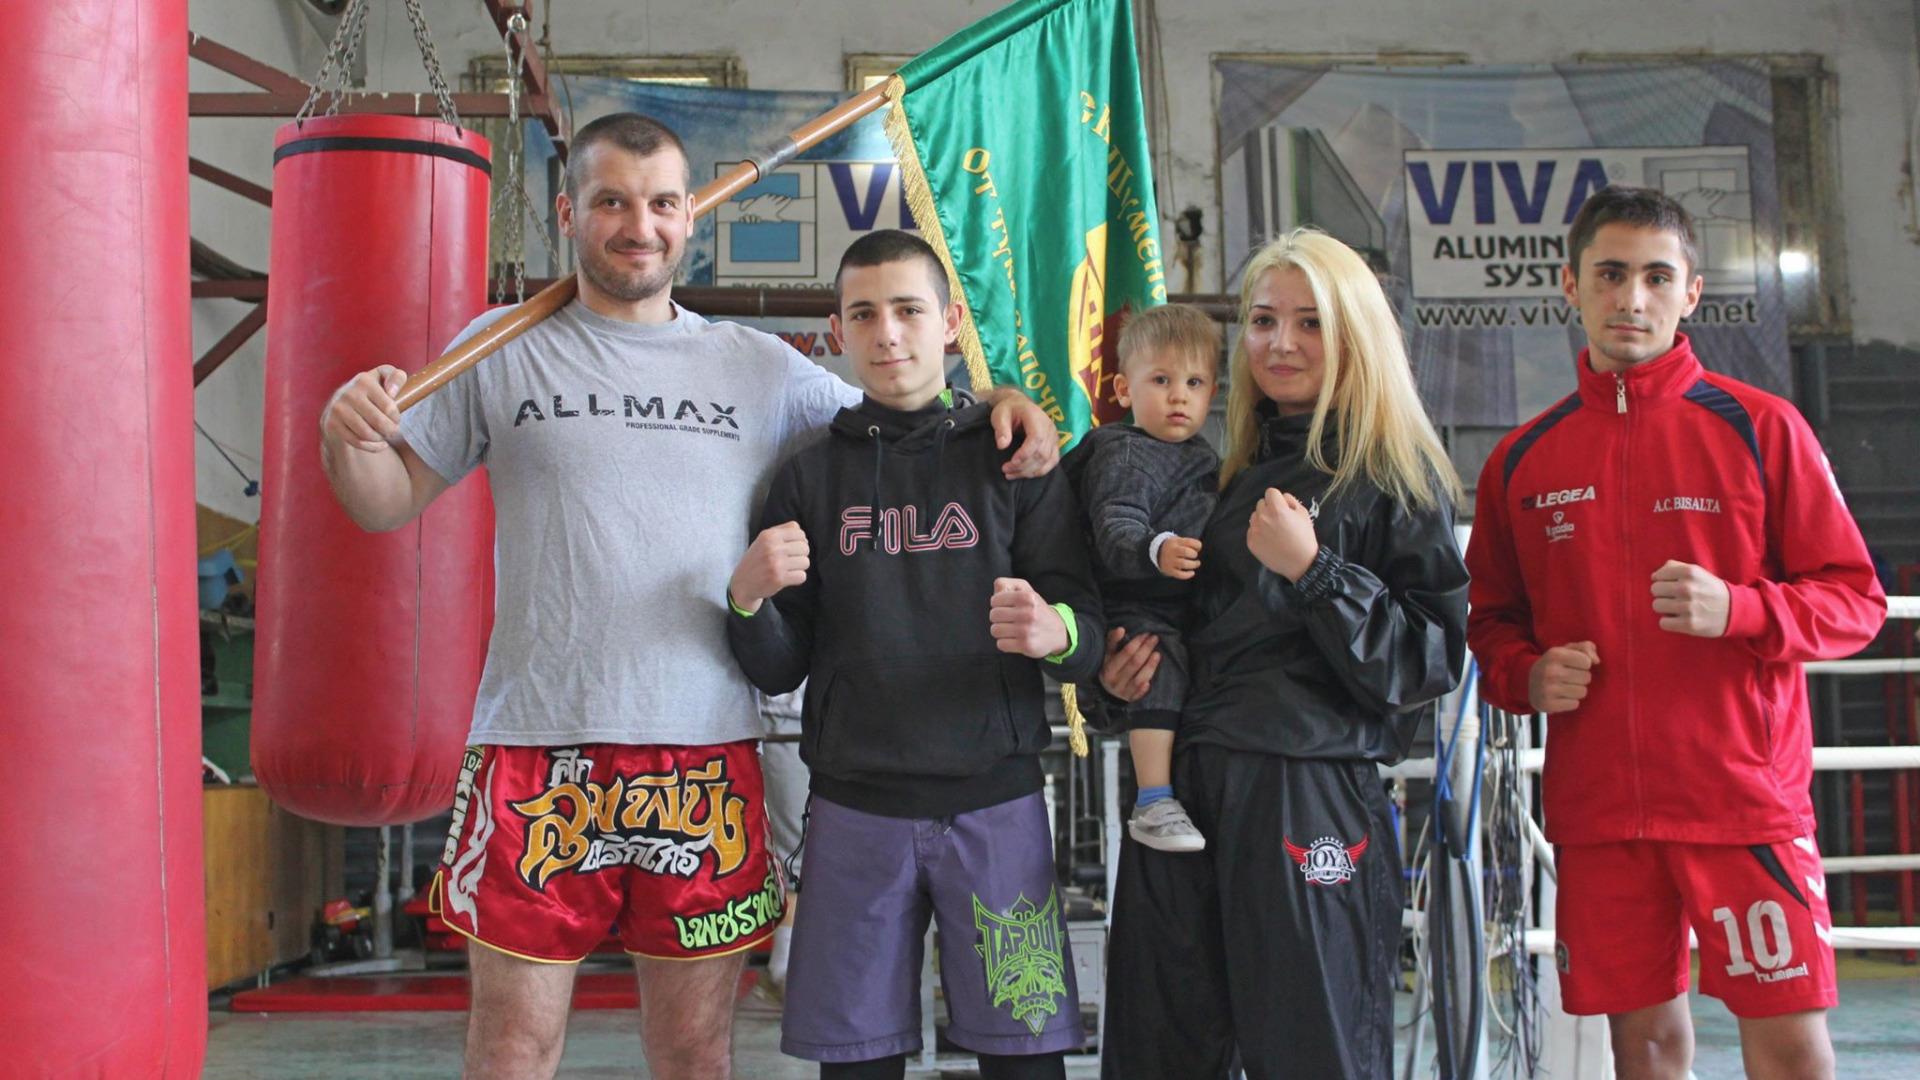 Треньорът на клуба Галин Методиев и бойците Виктор Иванов, Полина Галинова и Георги Атанасов.